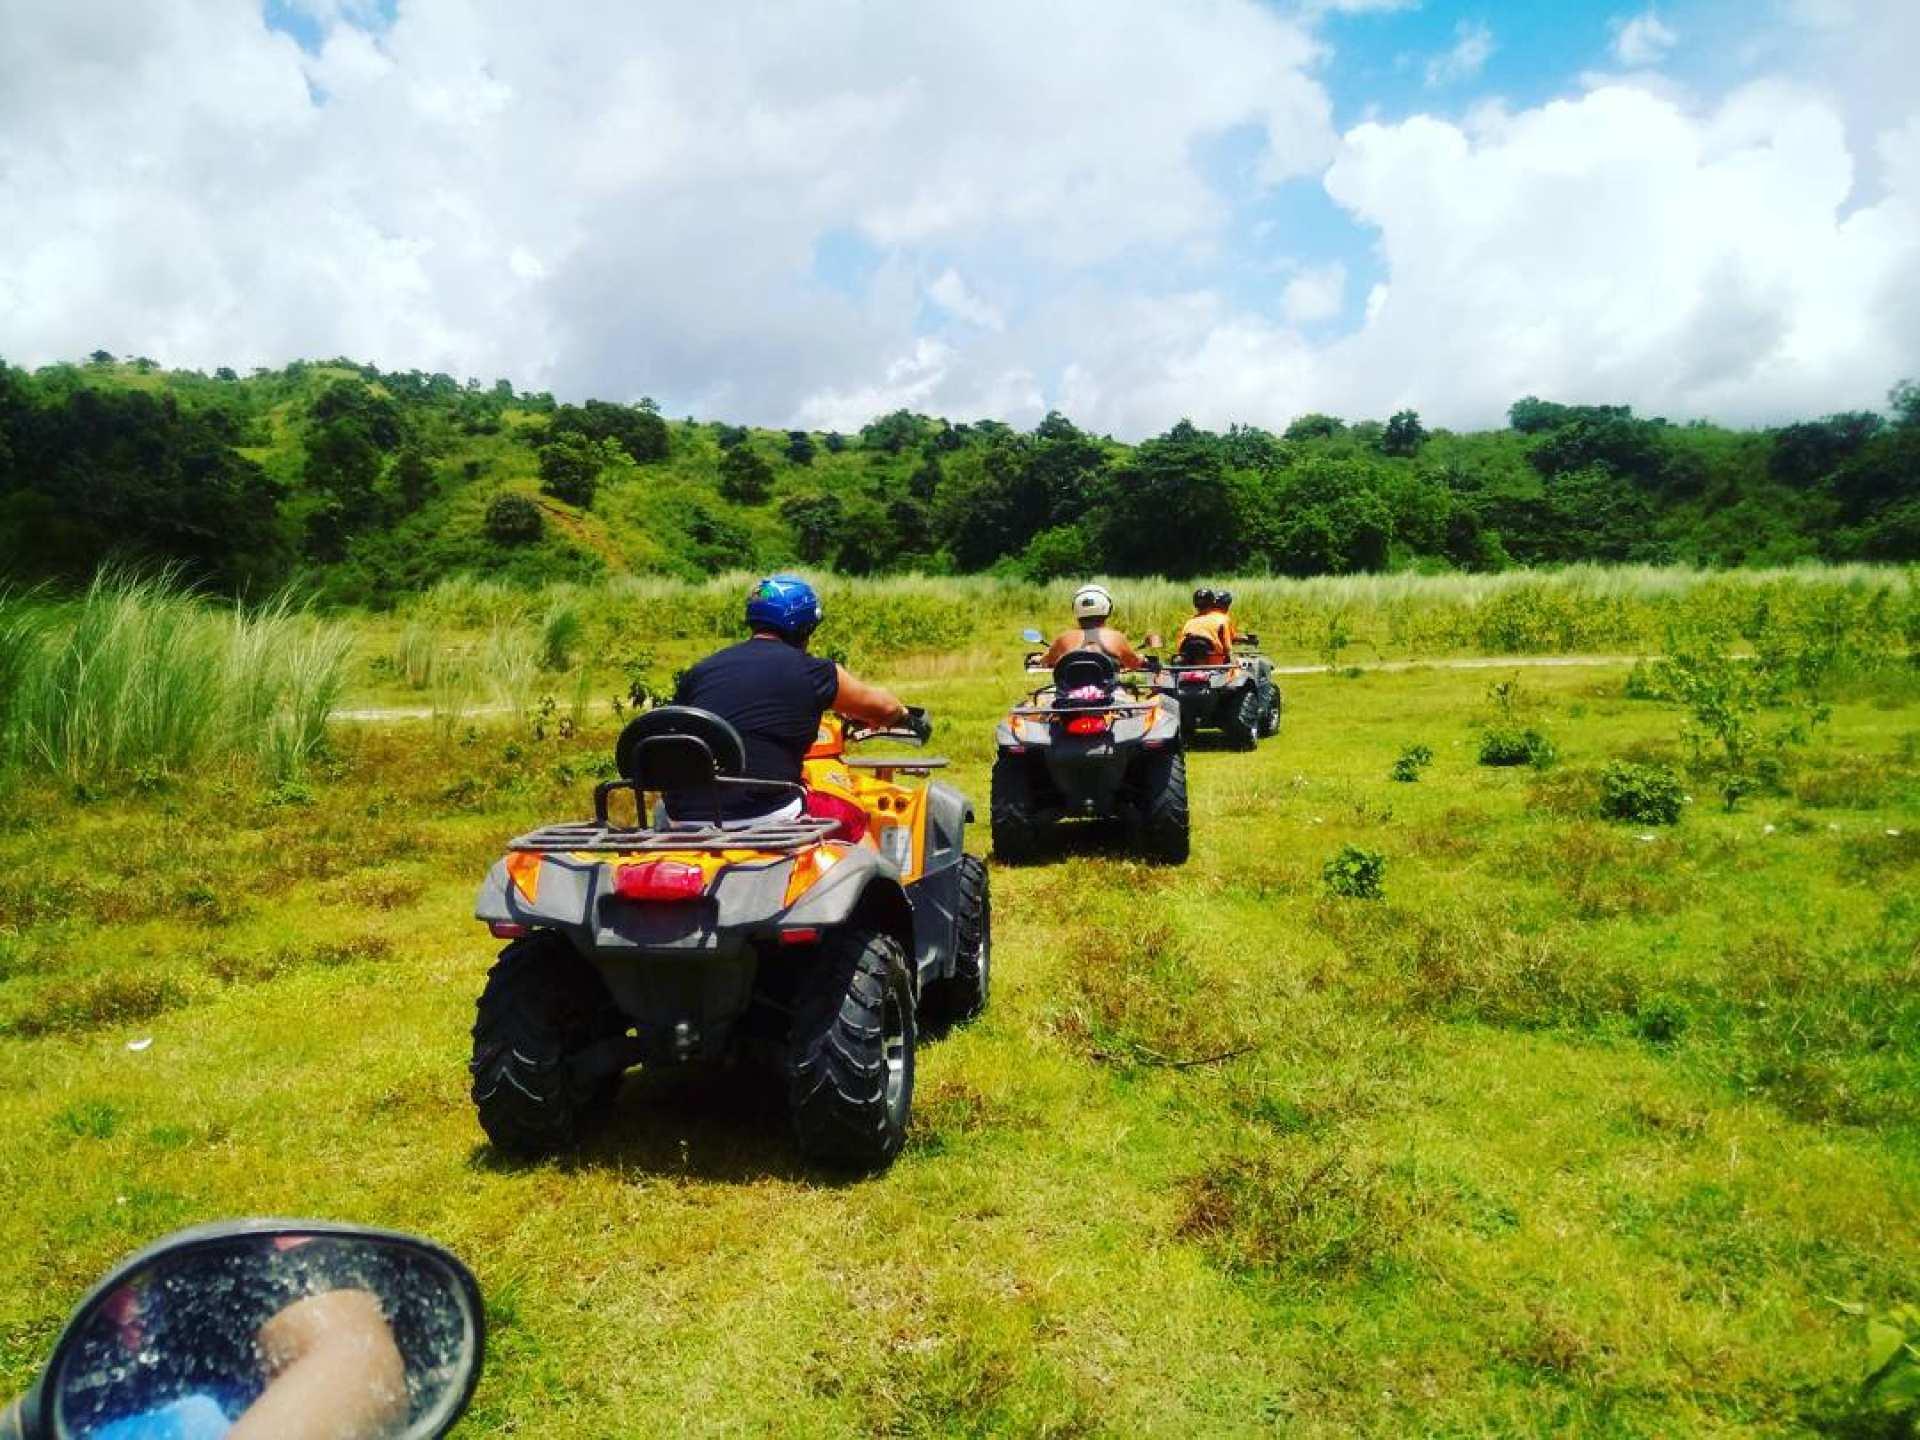 【菲律賓越野車探險】馬尼拉 ATV 體驗